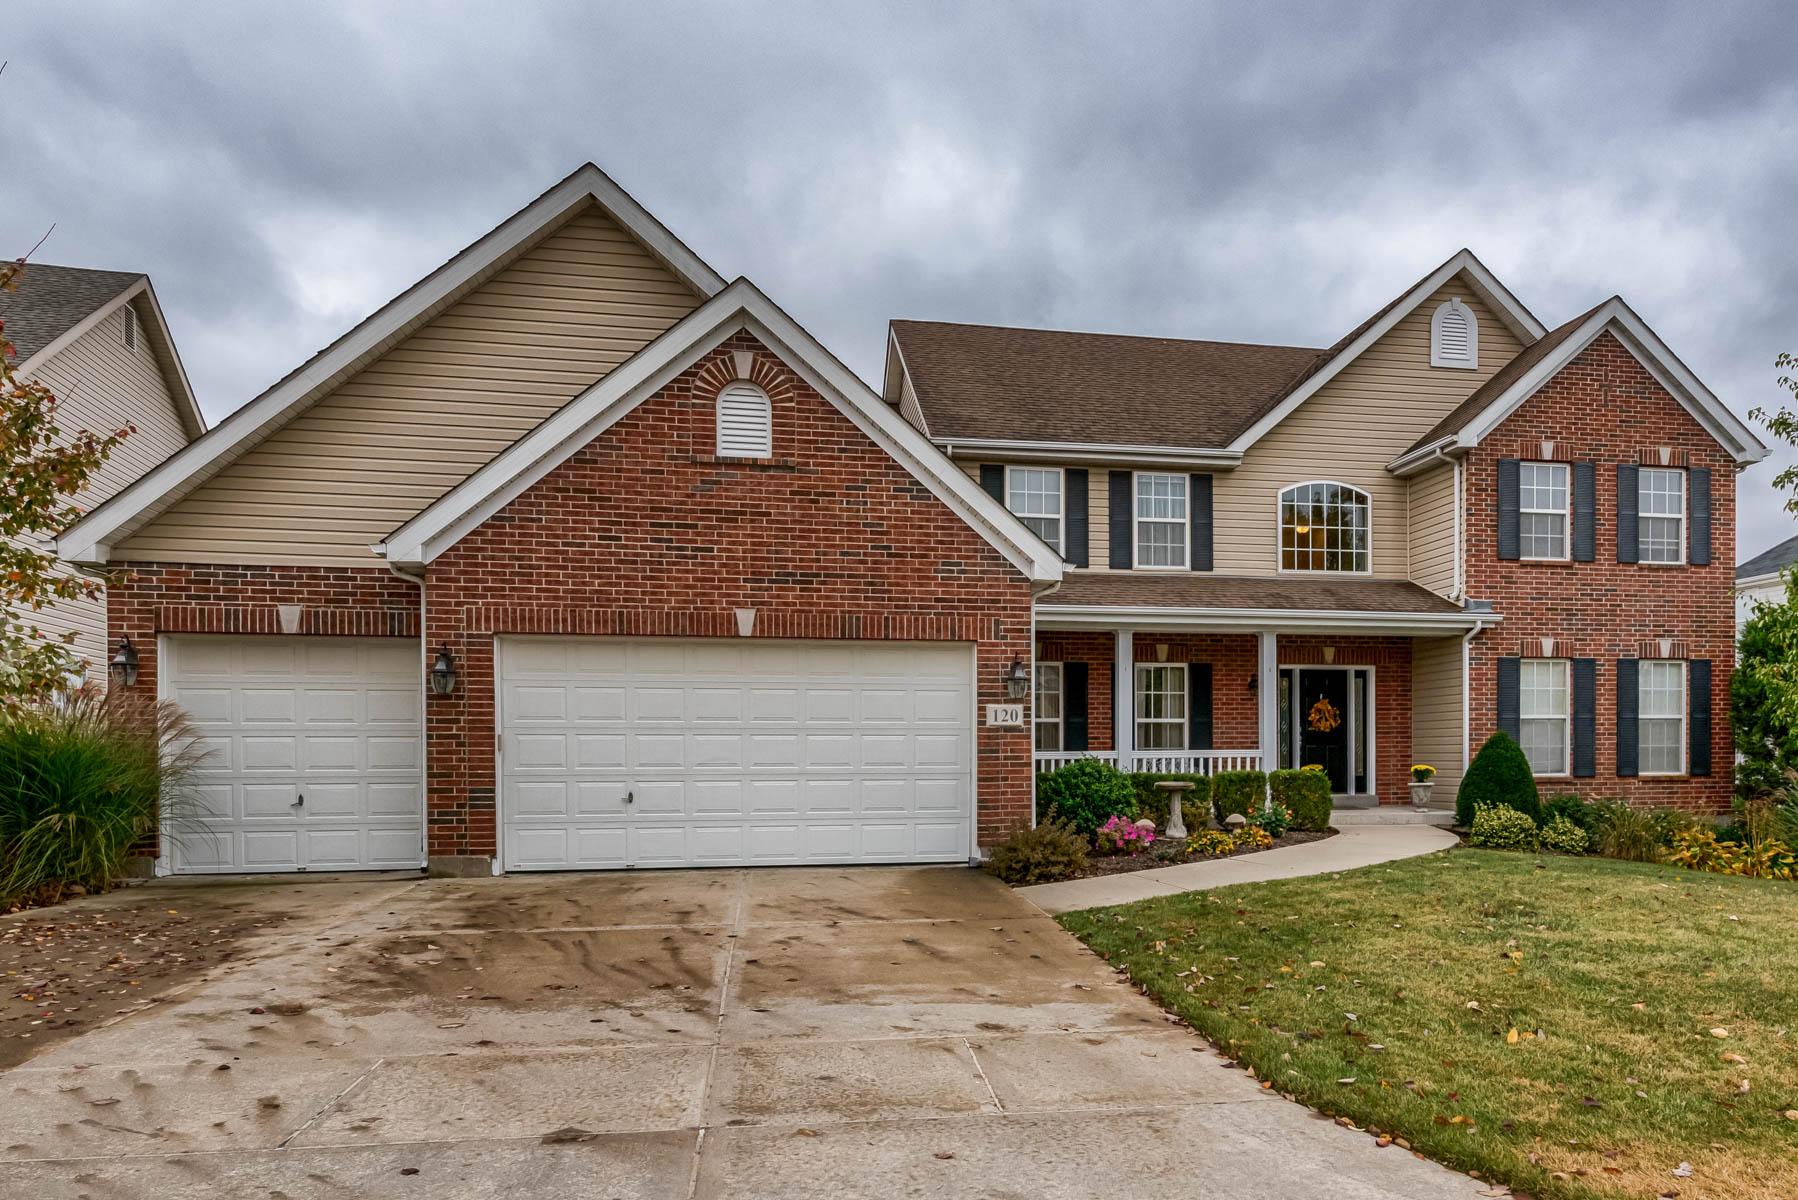 独户住宅 为 销售 在 Beautiful 2 story 120 Cripple Creek St. Louis, 密苏里州 63129 美国